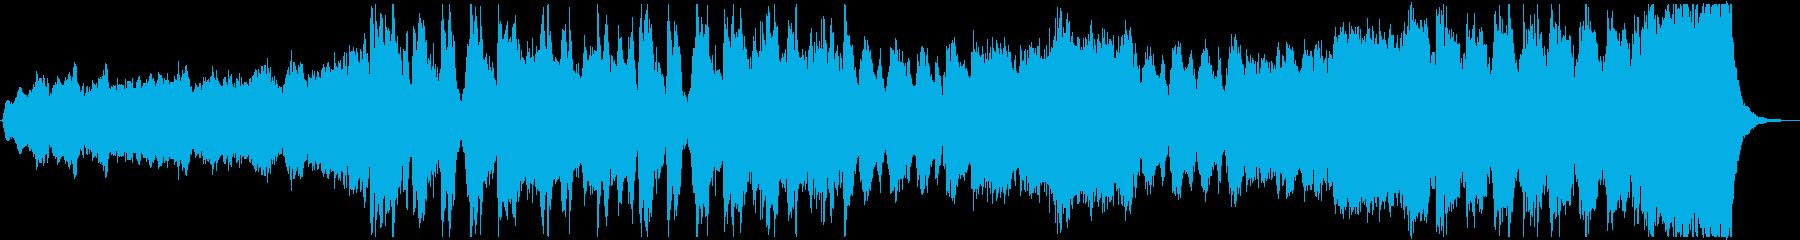 大自然の光景を思わせるクラシック曲の再生済みの波形